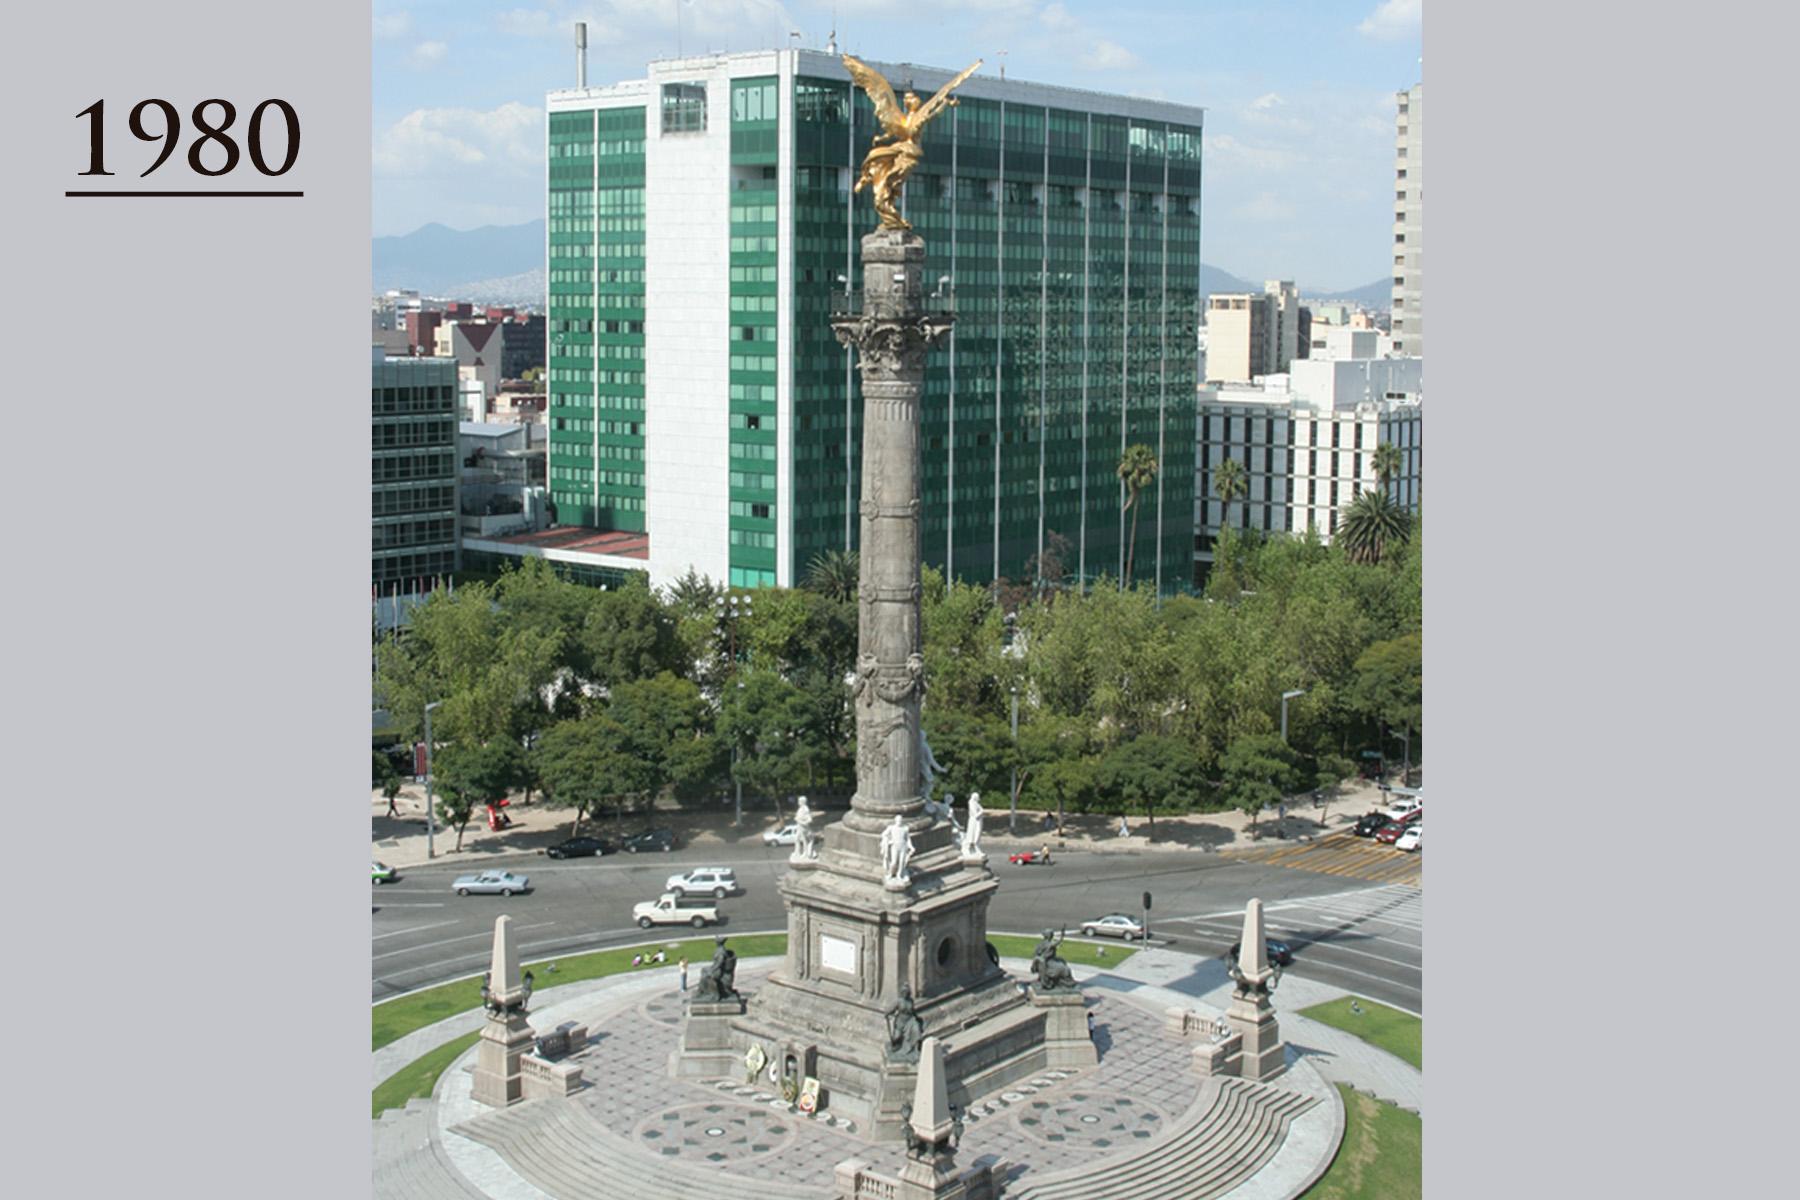 A principios de los años ochenta, no existía en México, de manera explícita, un seguro de depósitos; el Gobierno Federal generaba una garantía implícita sobre los bancos a través del Banco de México en su carácter de prestamista de última instancia.